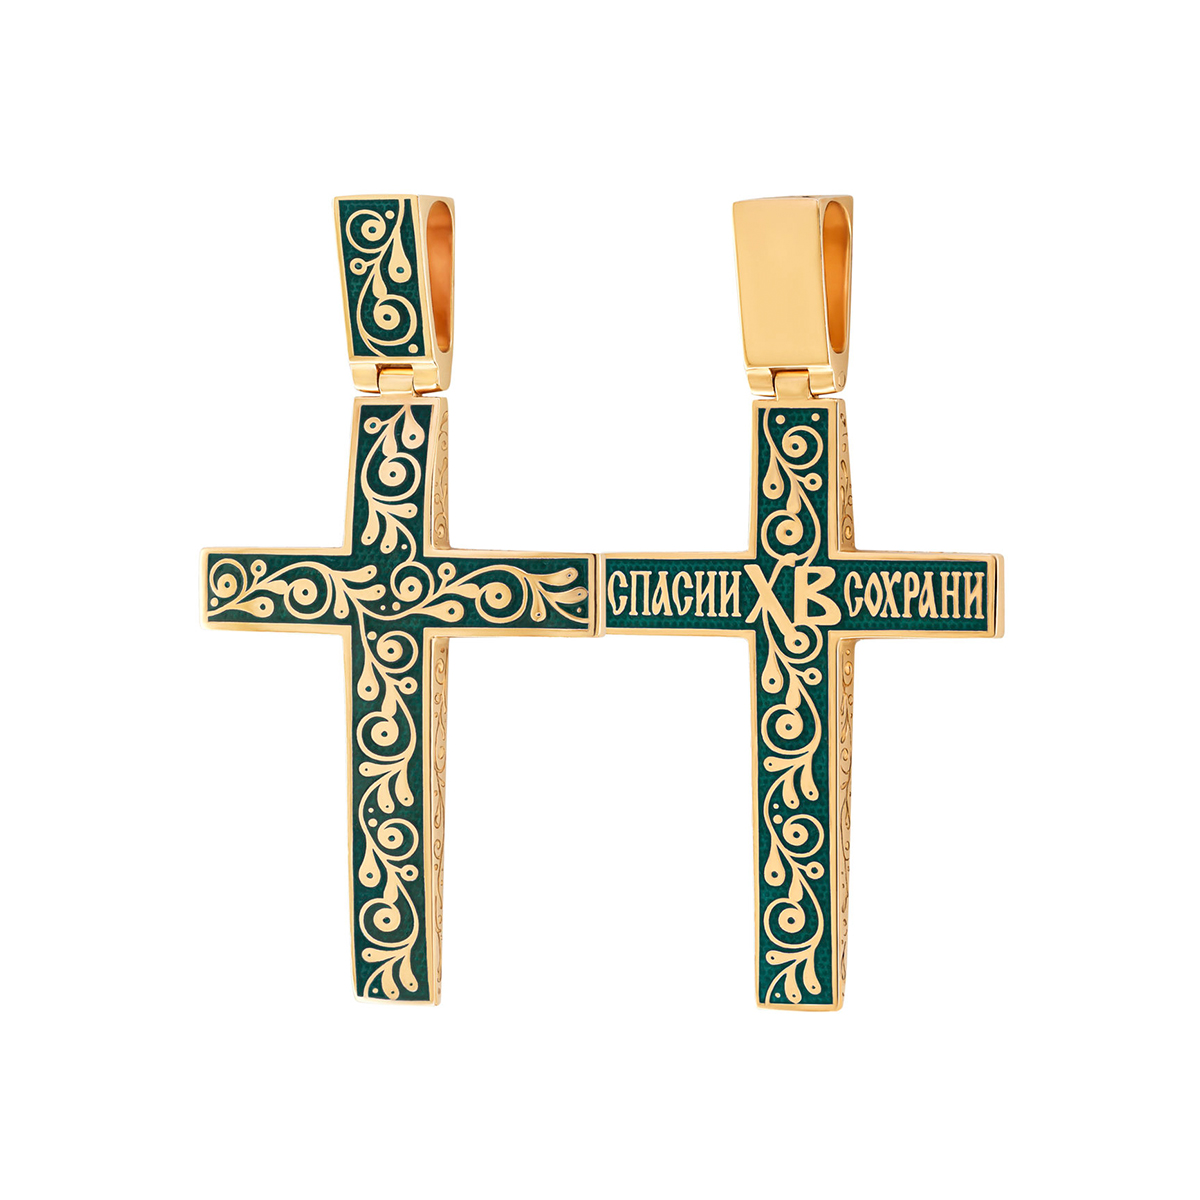 """zolochenie zelenaya 1 1200x1200 1 - Нательный крест """"Спас на крови"""" (золочение), зеленый"""